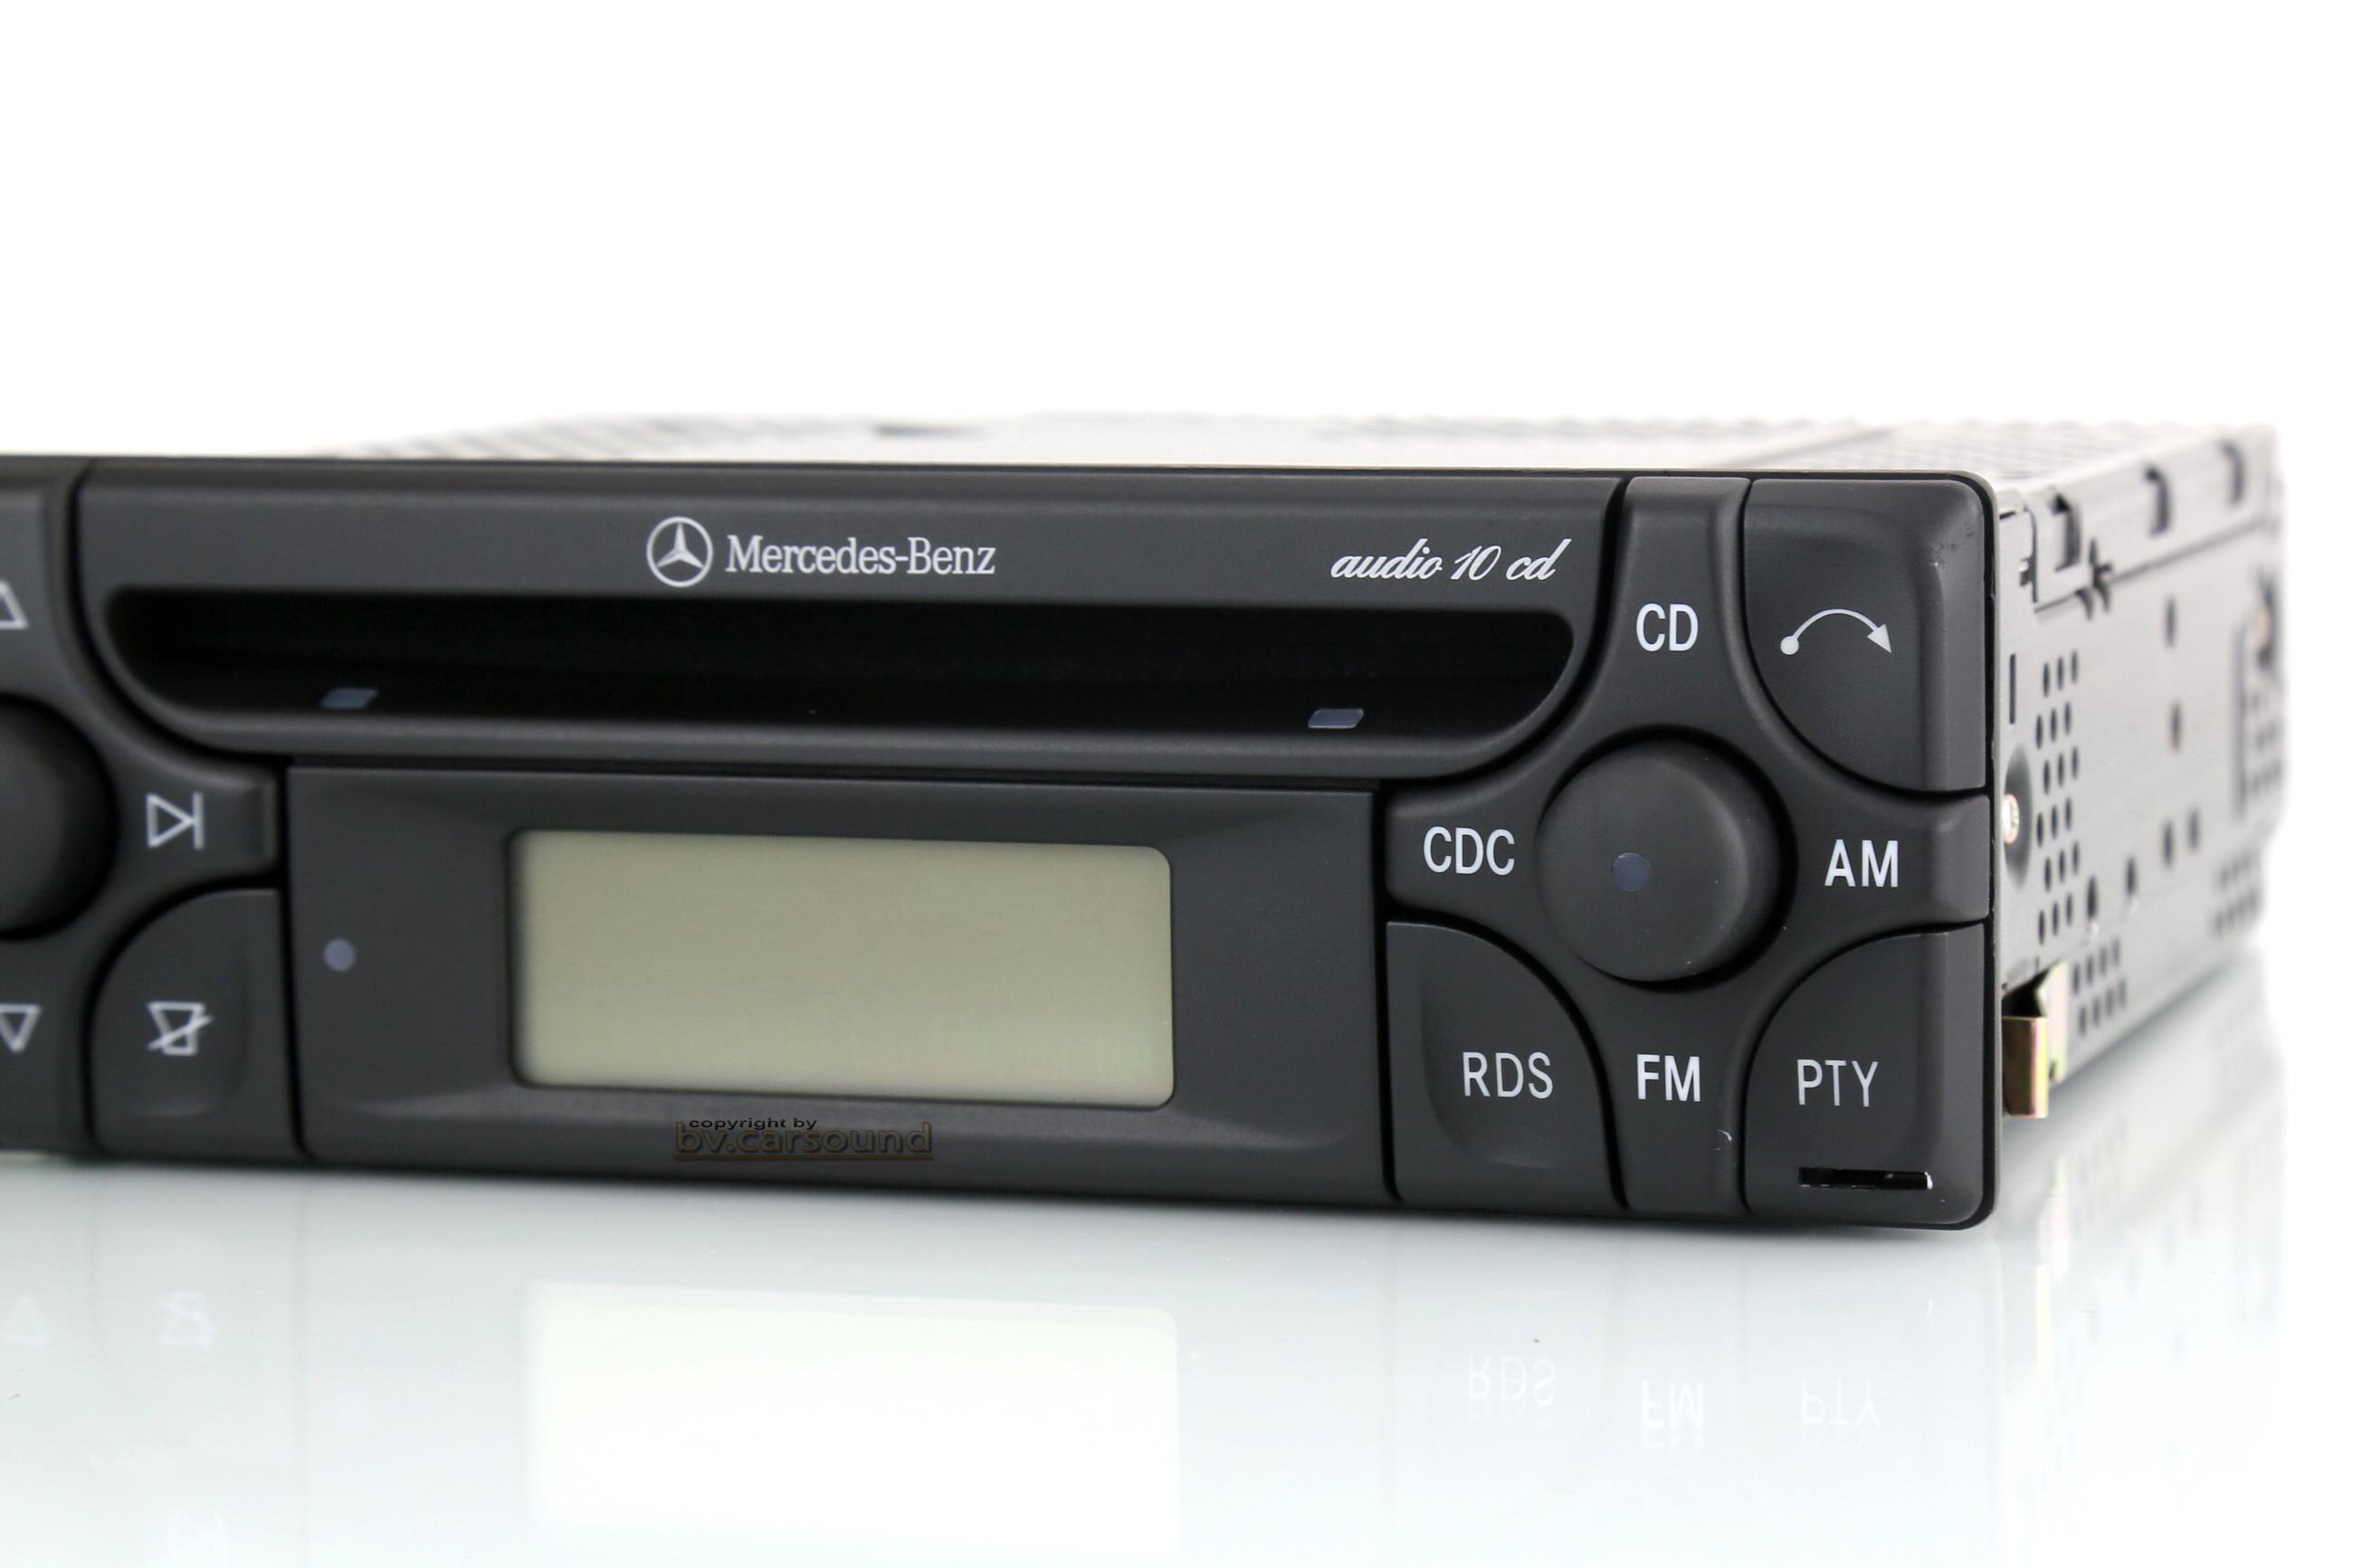 mercedes benz autoradio audio 10 cd mit aux in w202 w124. Black Bedroom Furniture Sets. Home Design Ideas